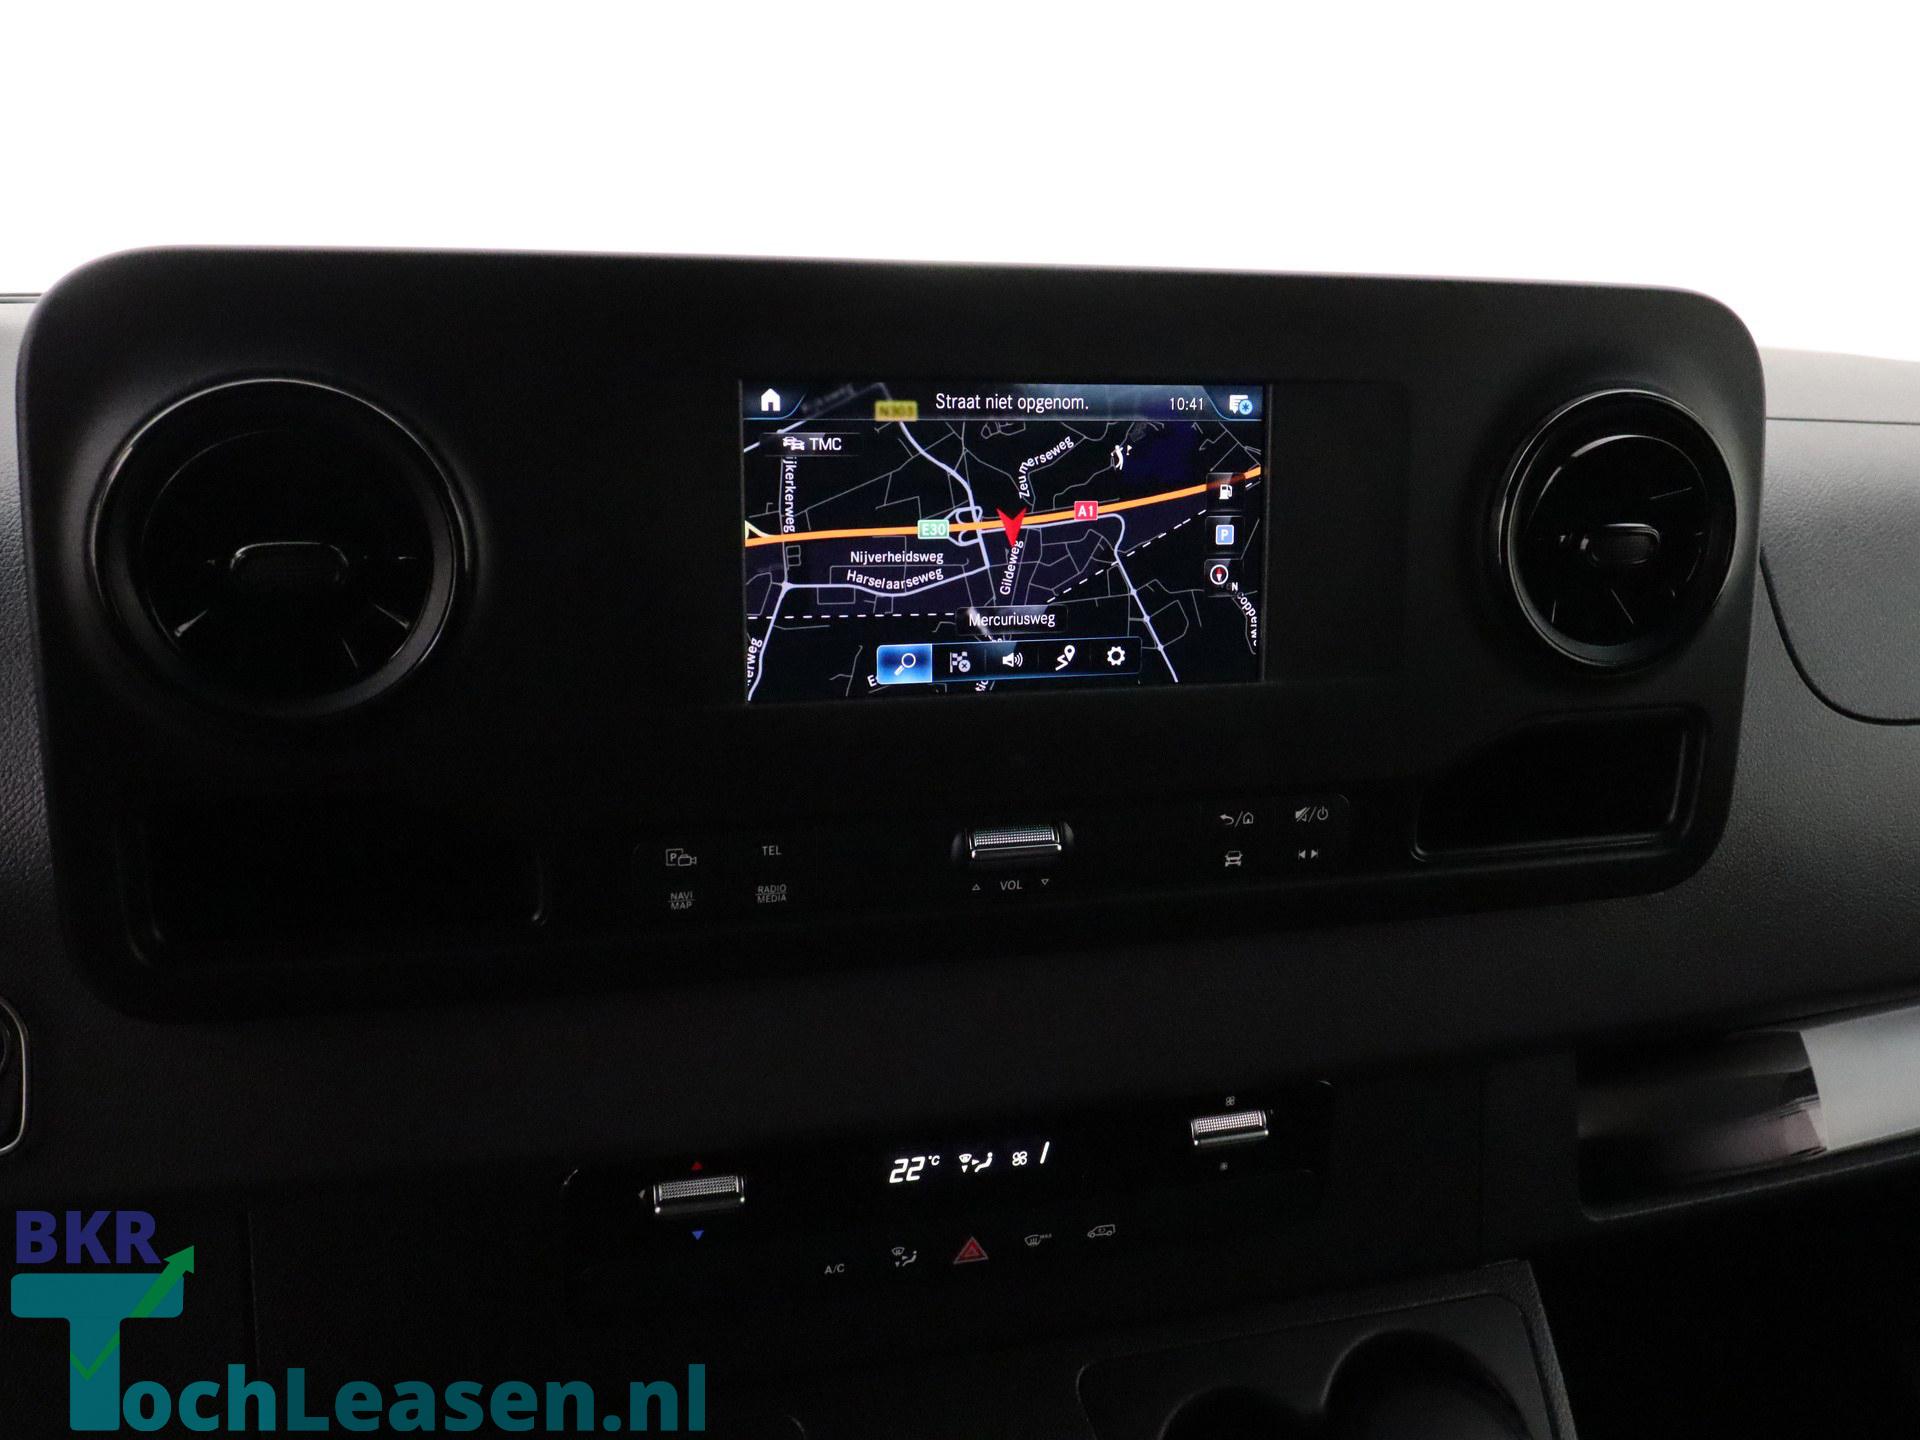 BKR toch leasen - Mercedes-Benz Sprinter - Zilver 11